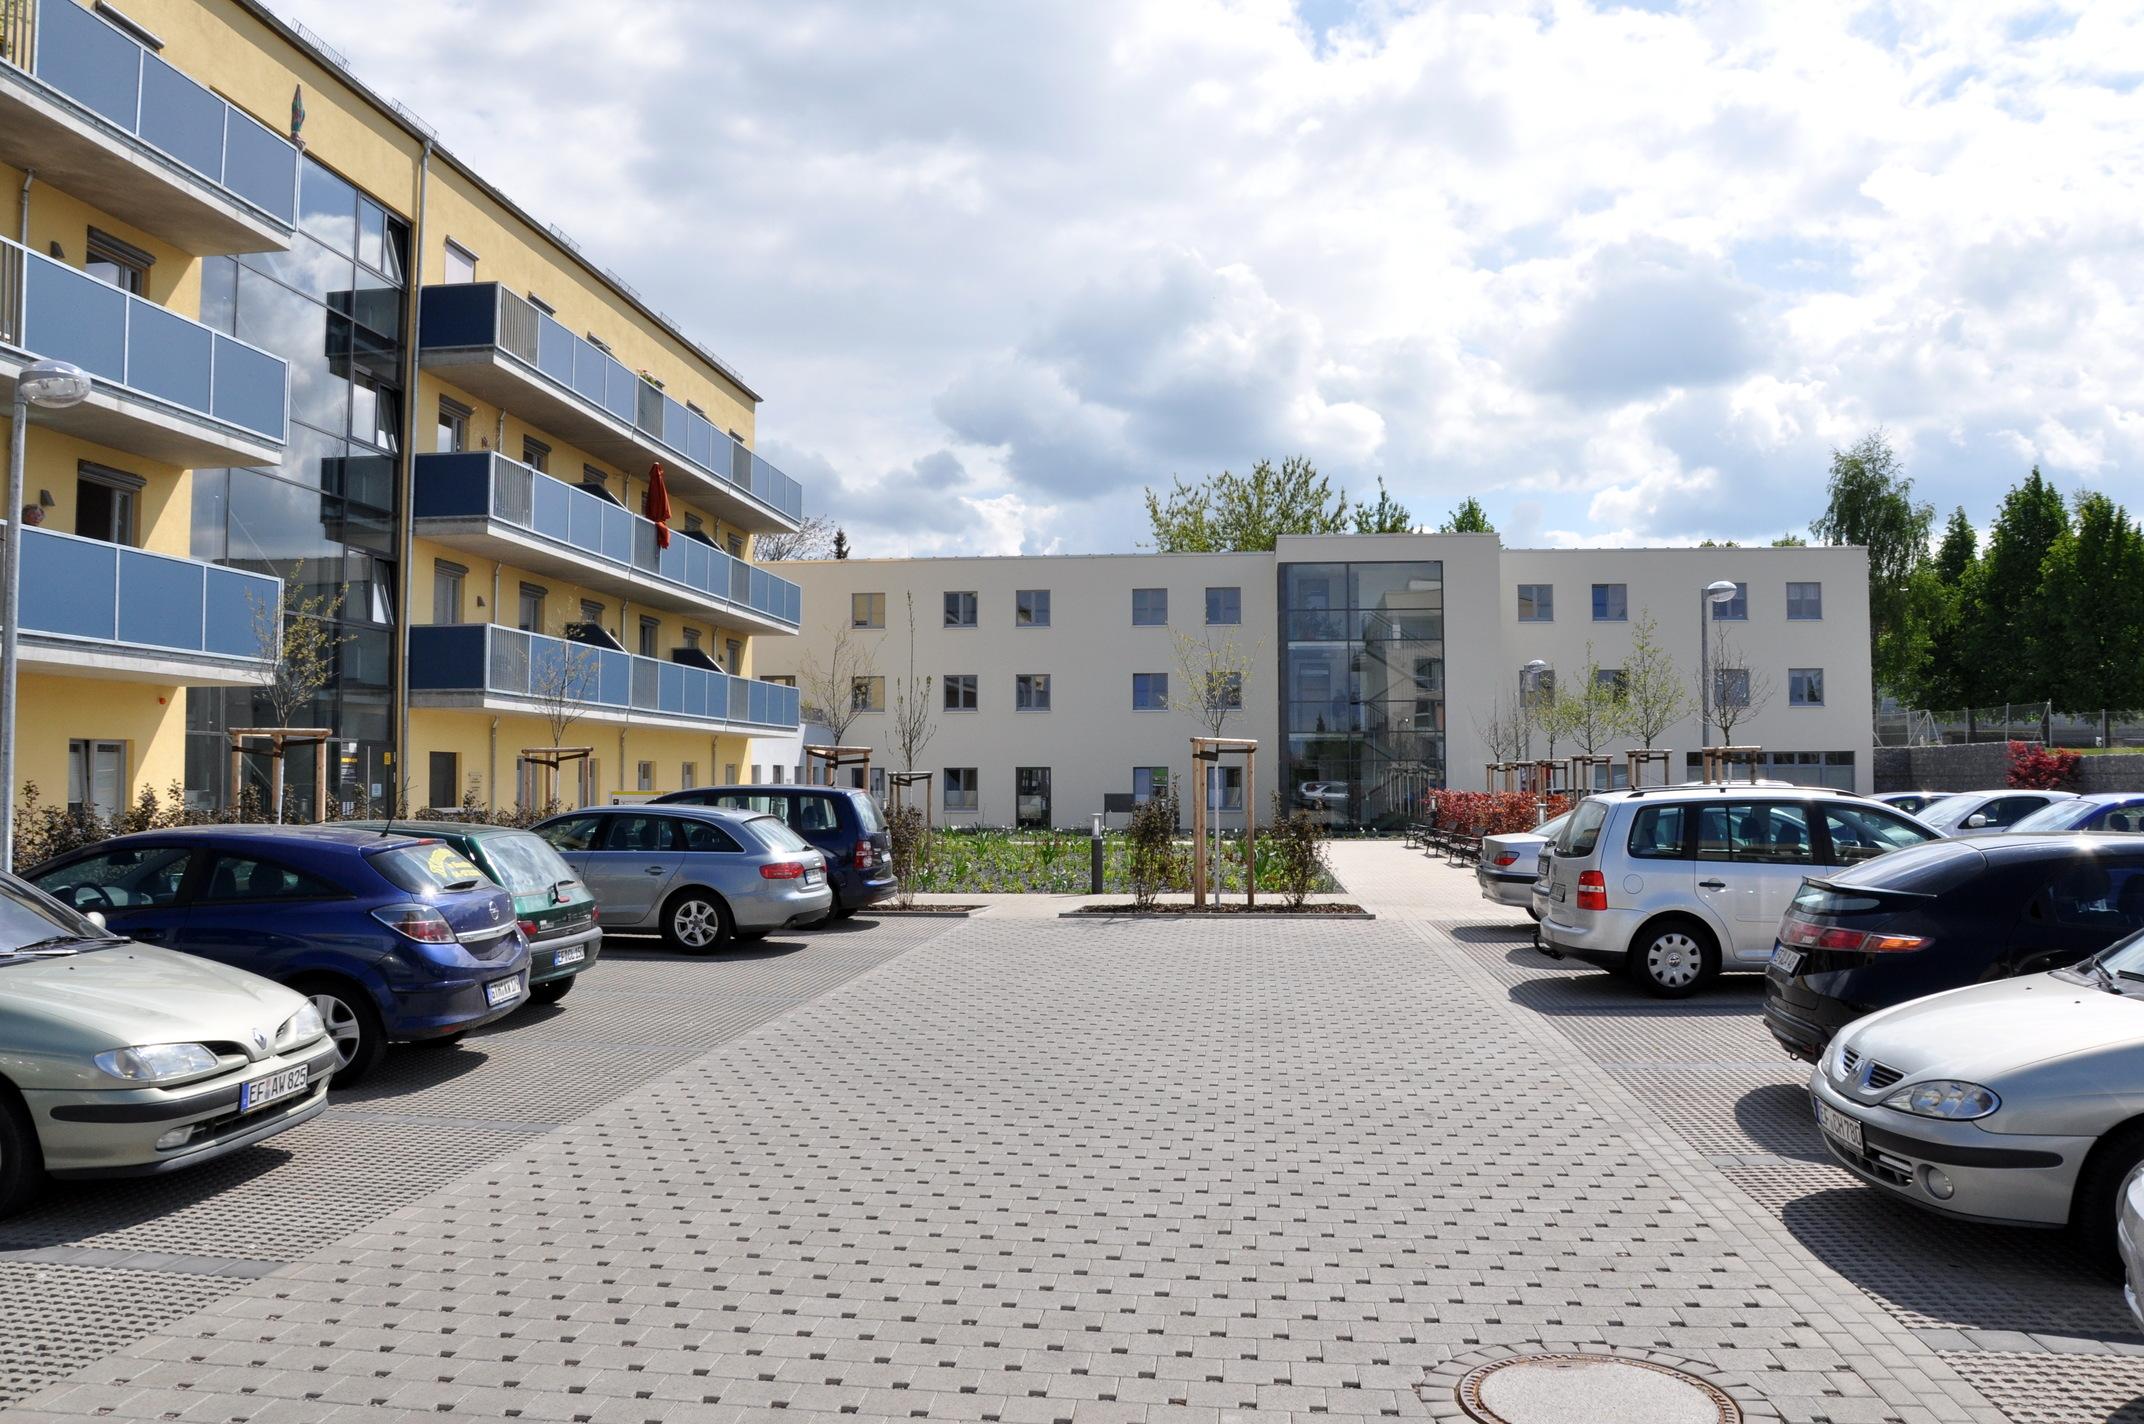 Neubau betreutes wohnen am asb seniorenwohnheim erfurt architekturf hrer th ringen - Architekturburo erfurt ...